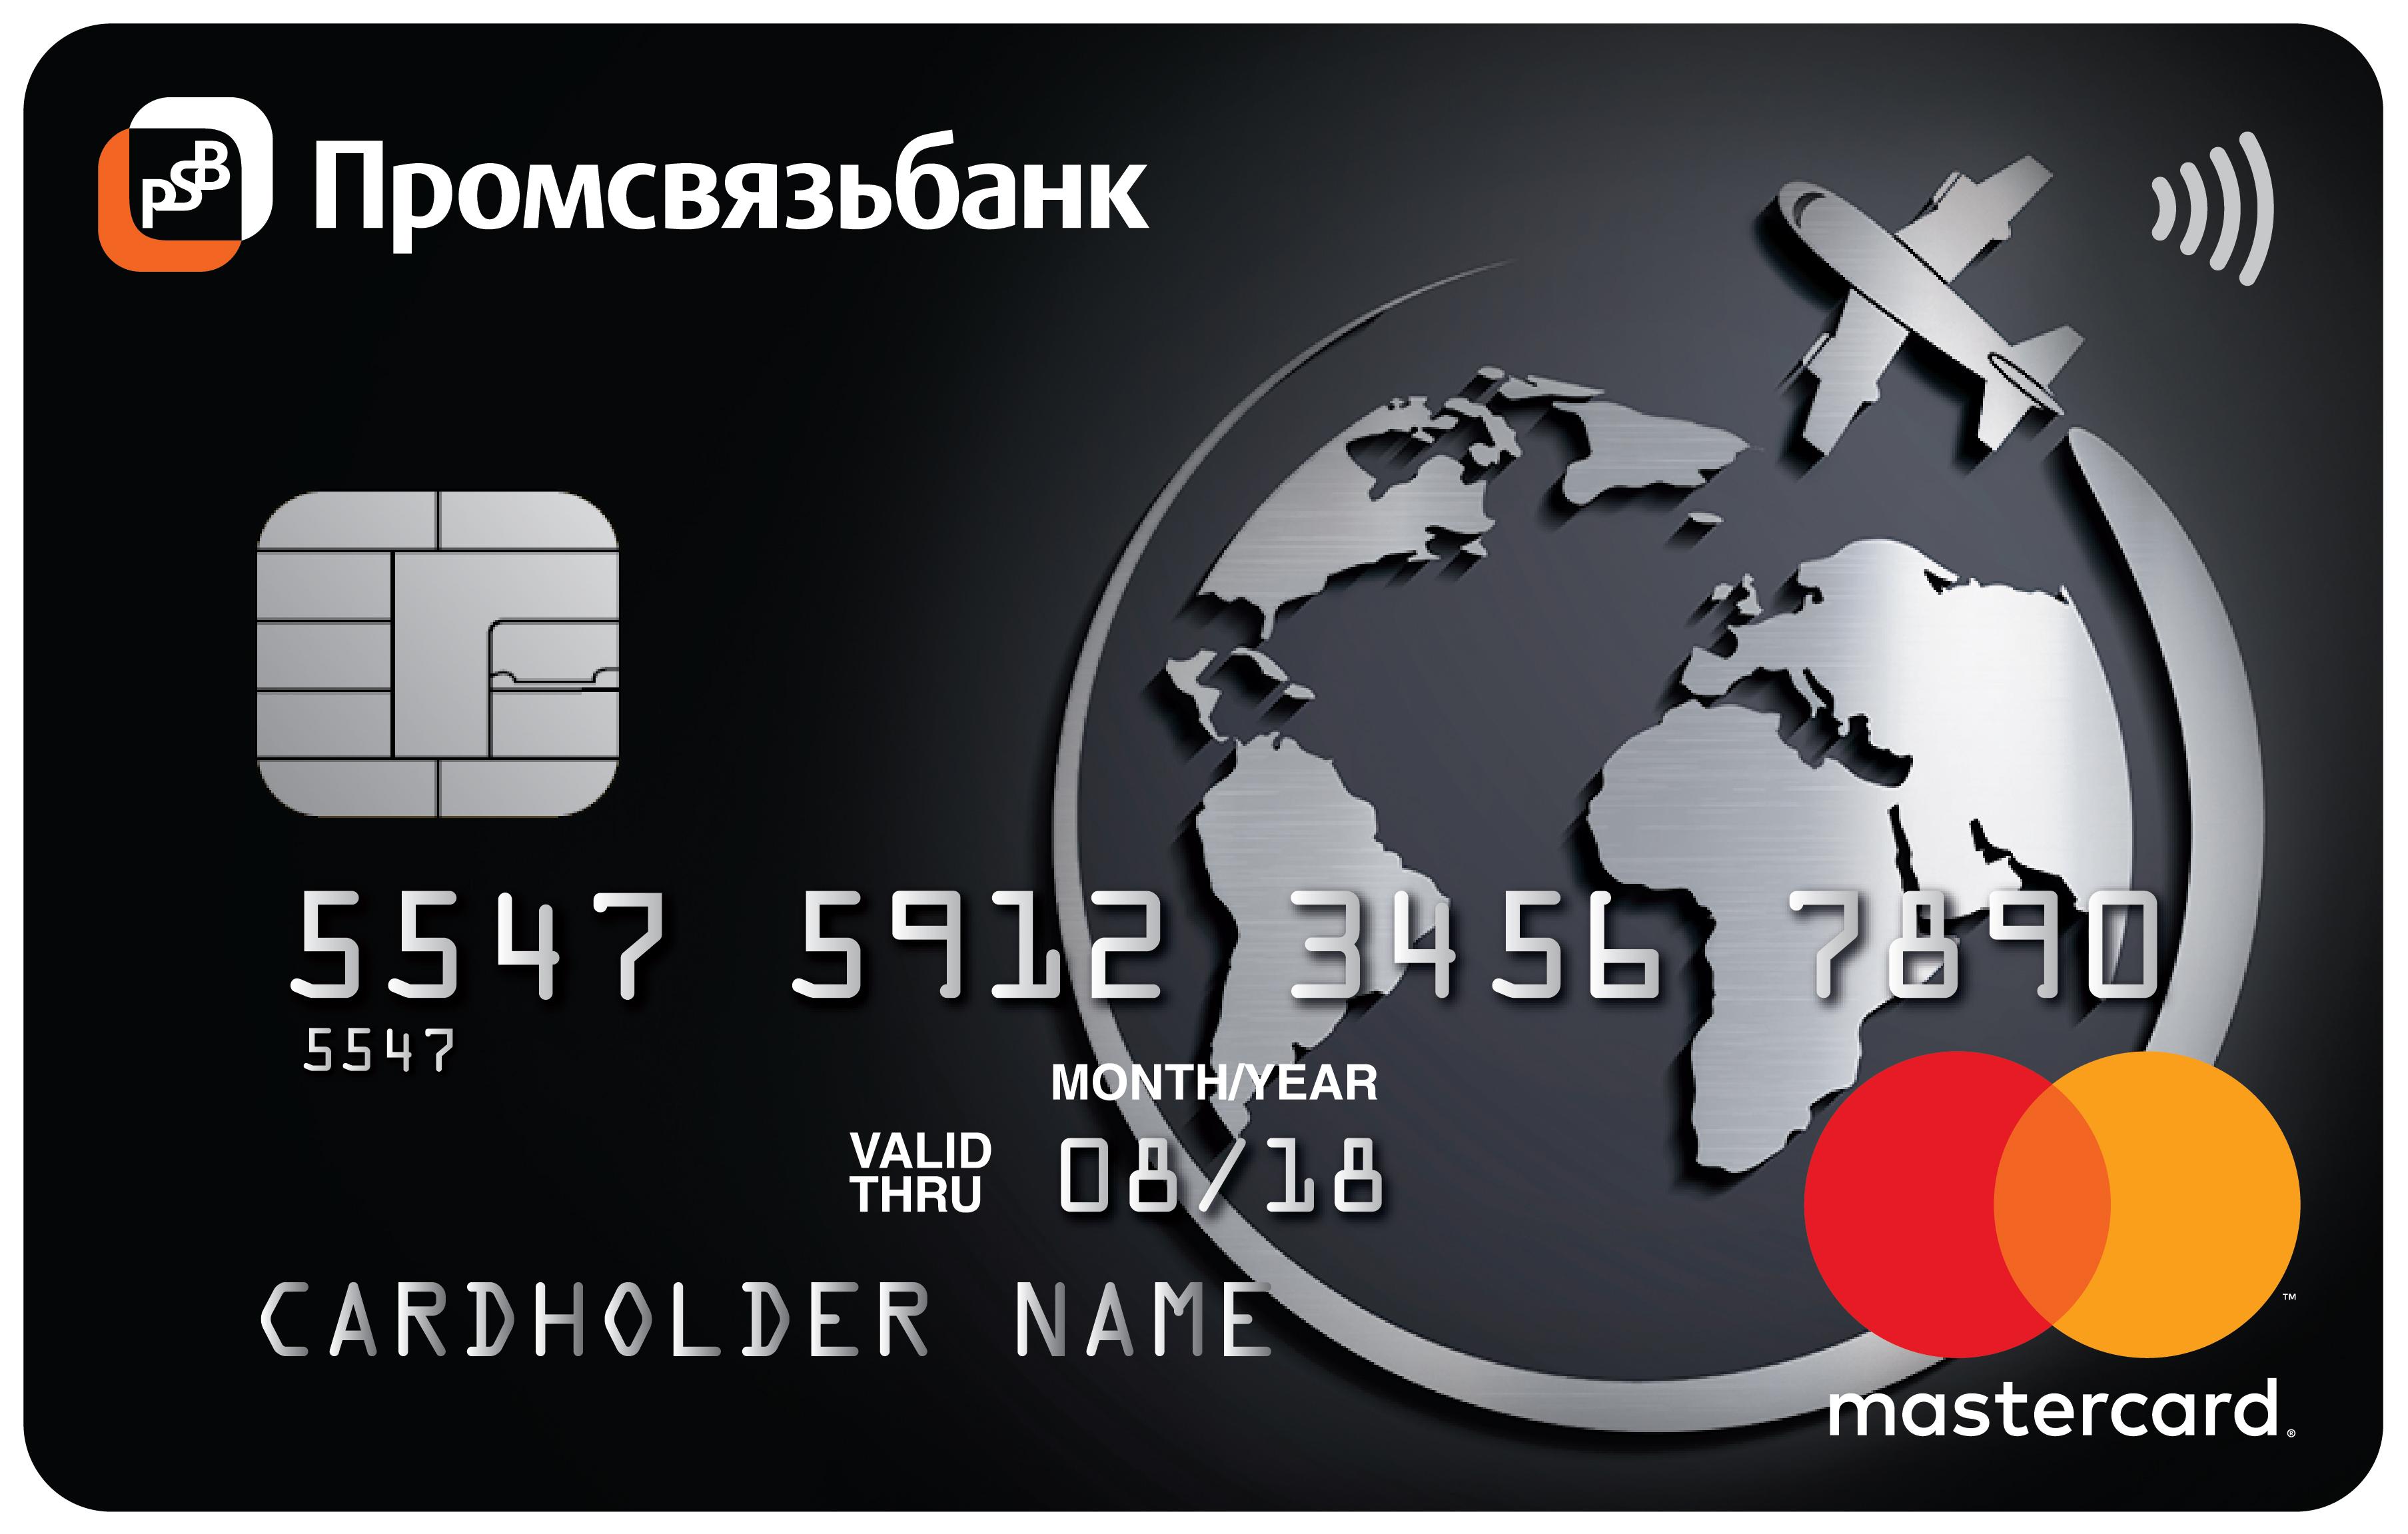 Кредитная «Карта мира без границ» МИР Премиальная